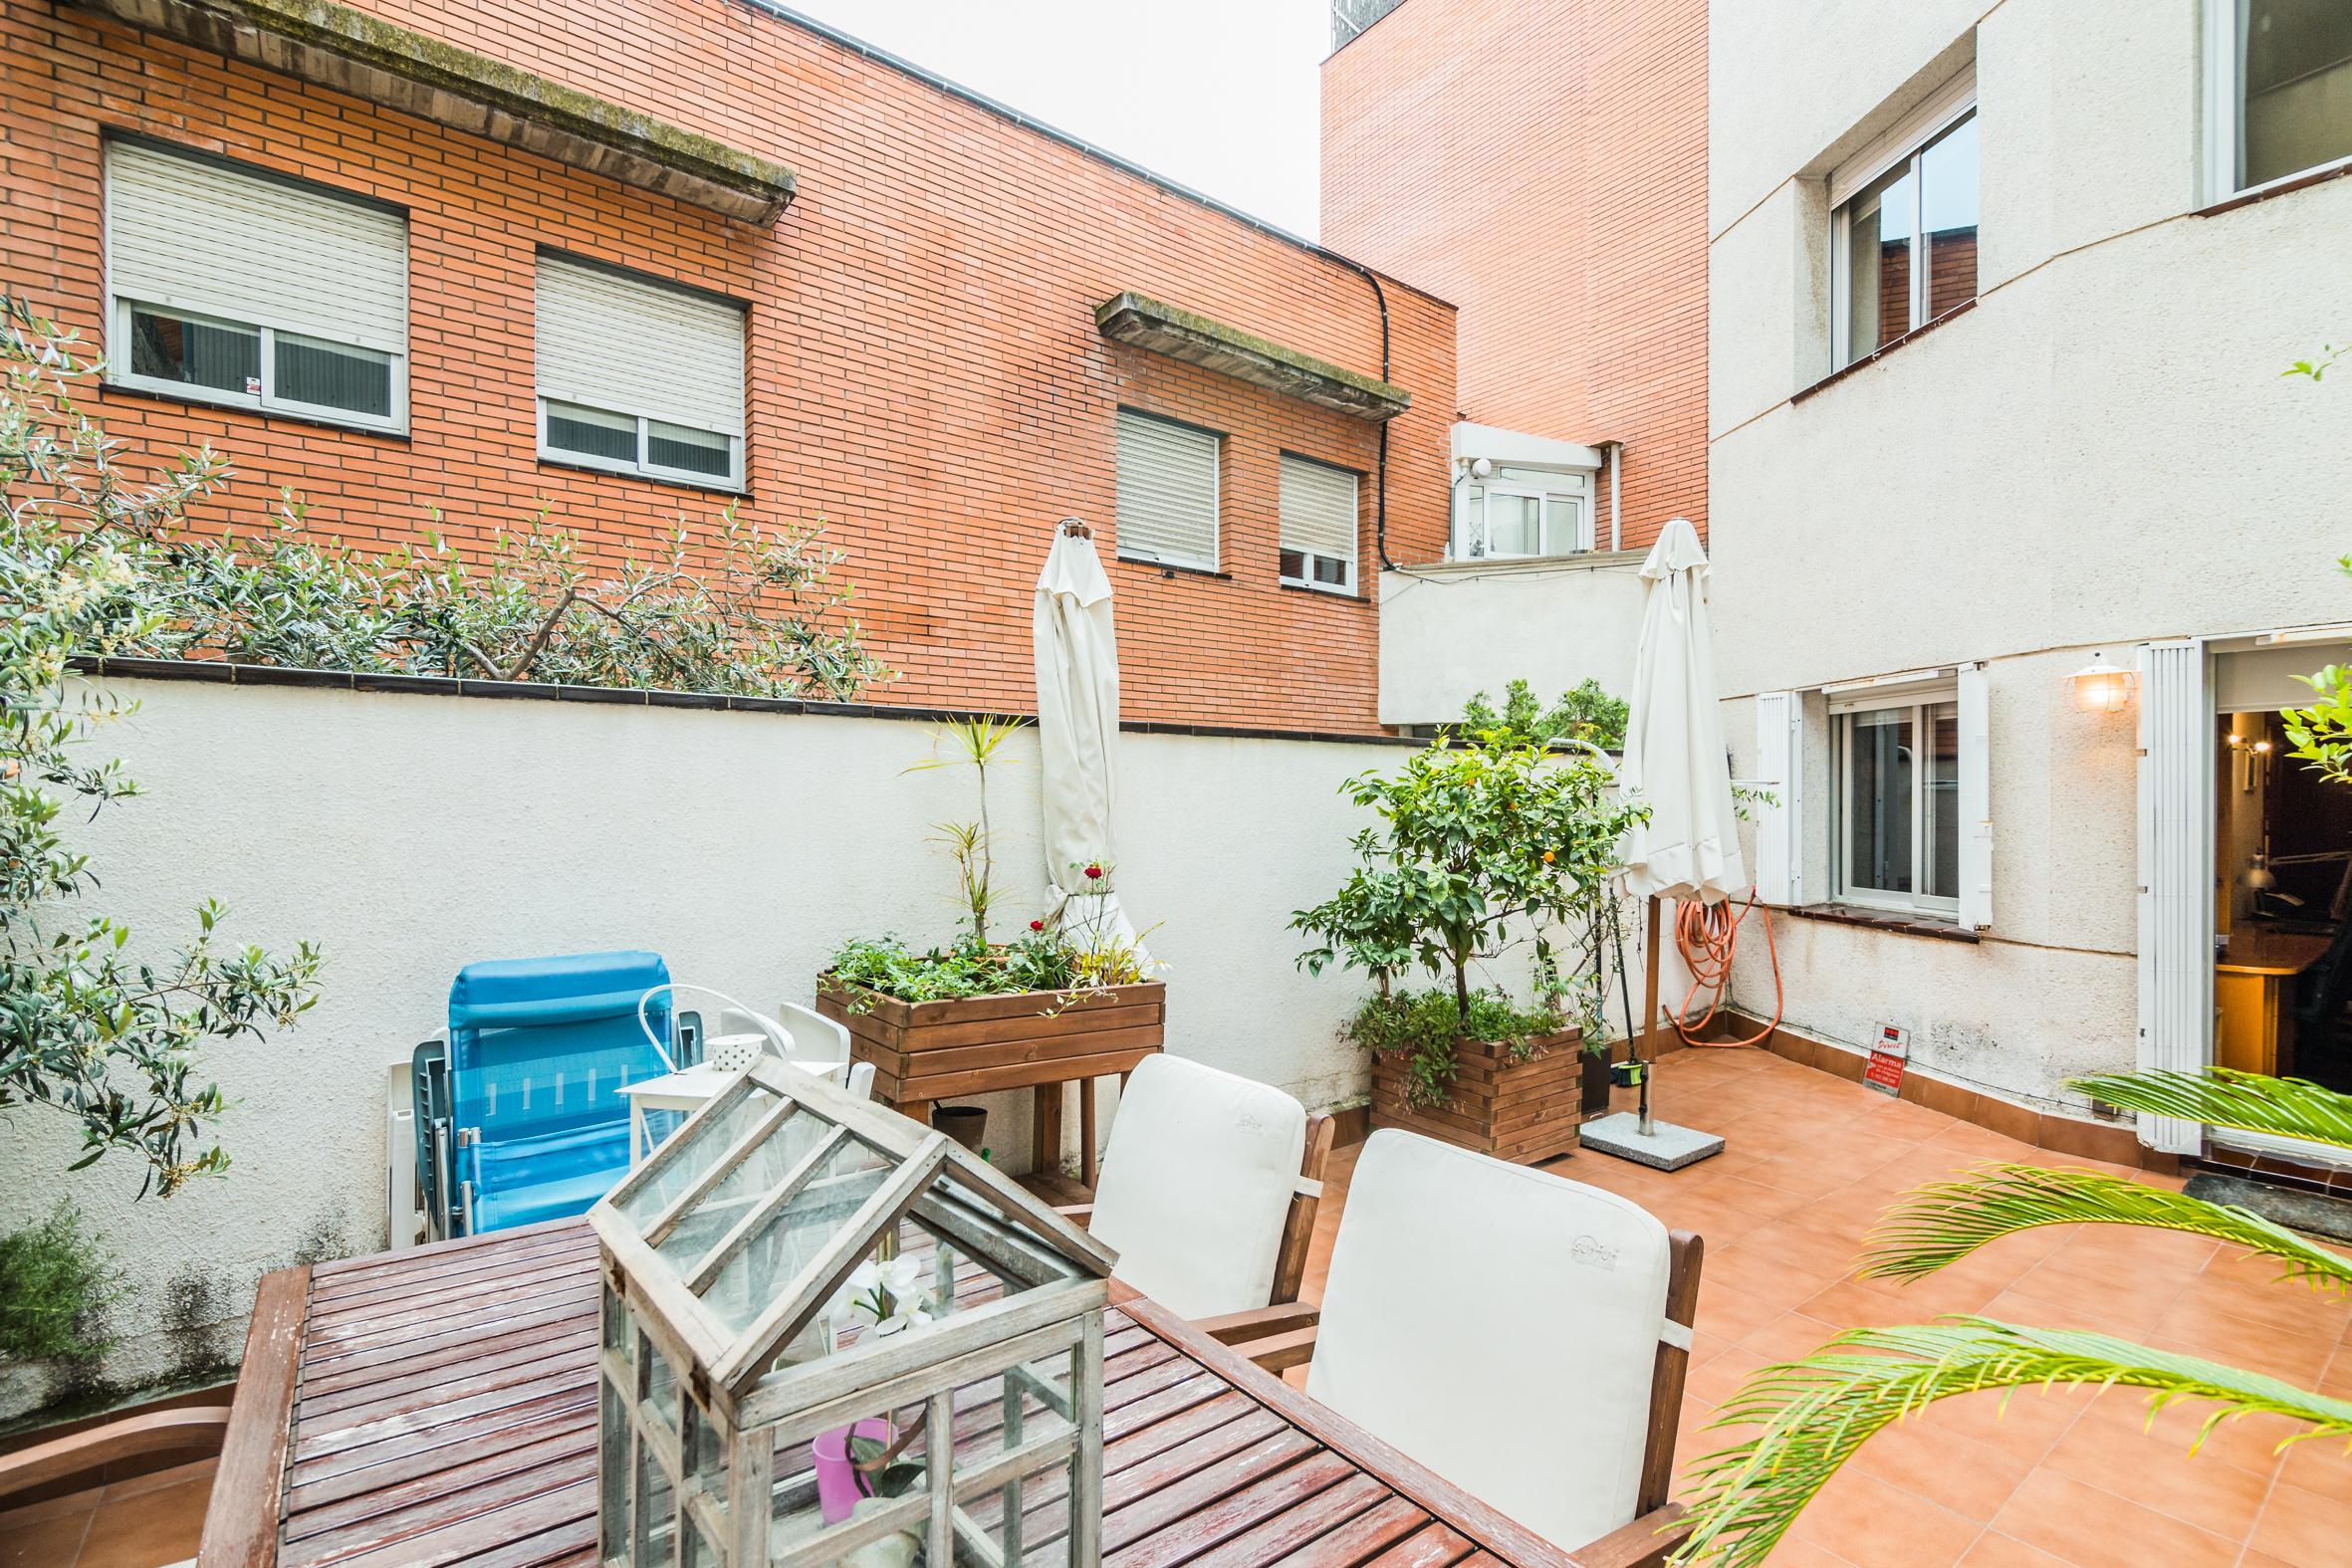 207314 Dúplex en venta en Gràcia, Vallcarca i els Penitents 3